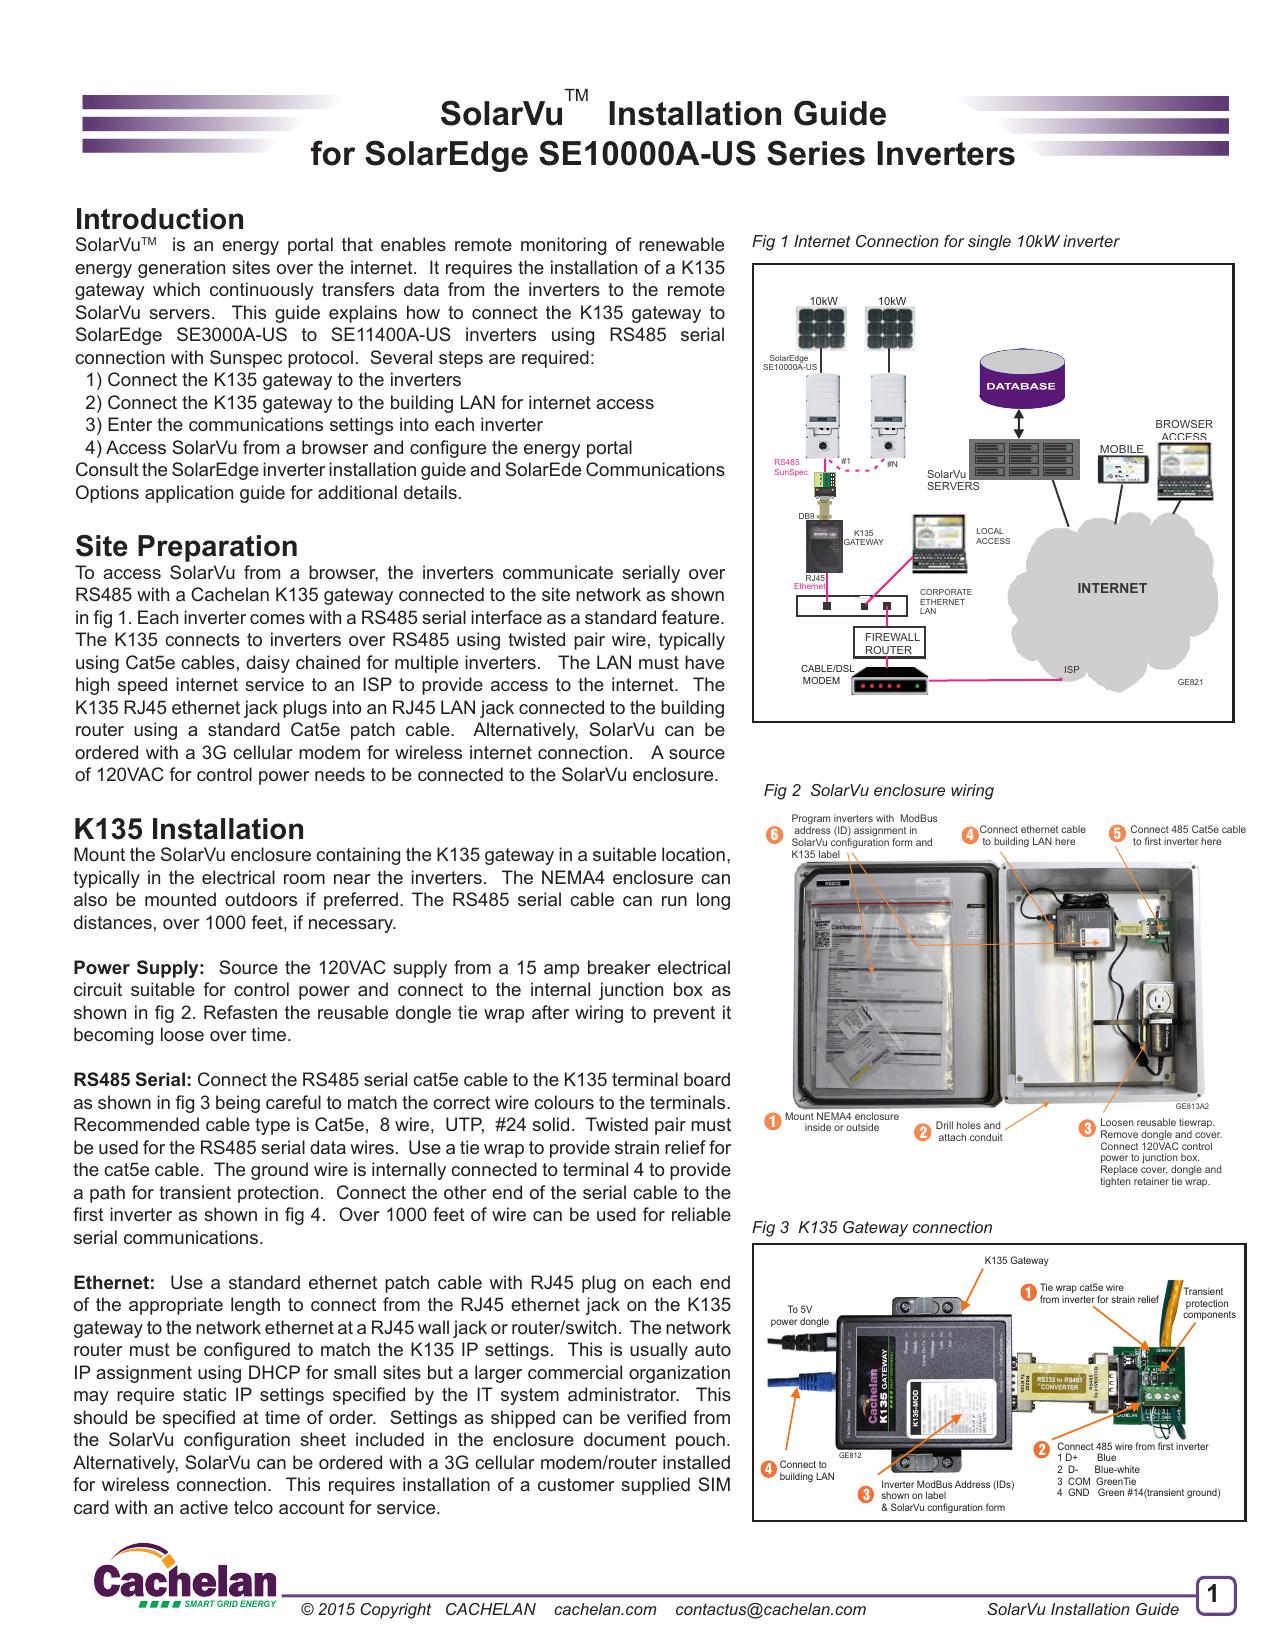 SolarVu Installation Guide for SolarEdge SE10000A | manualzz com